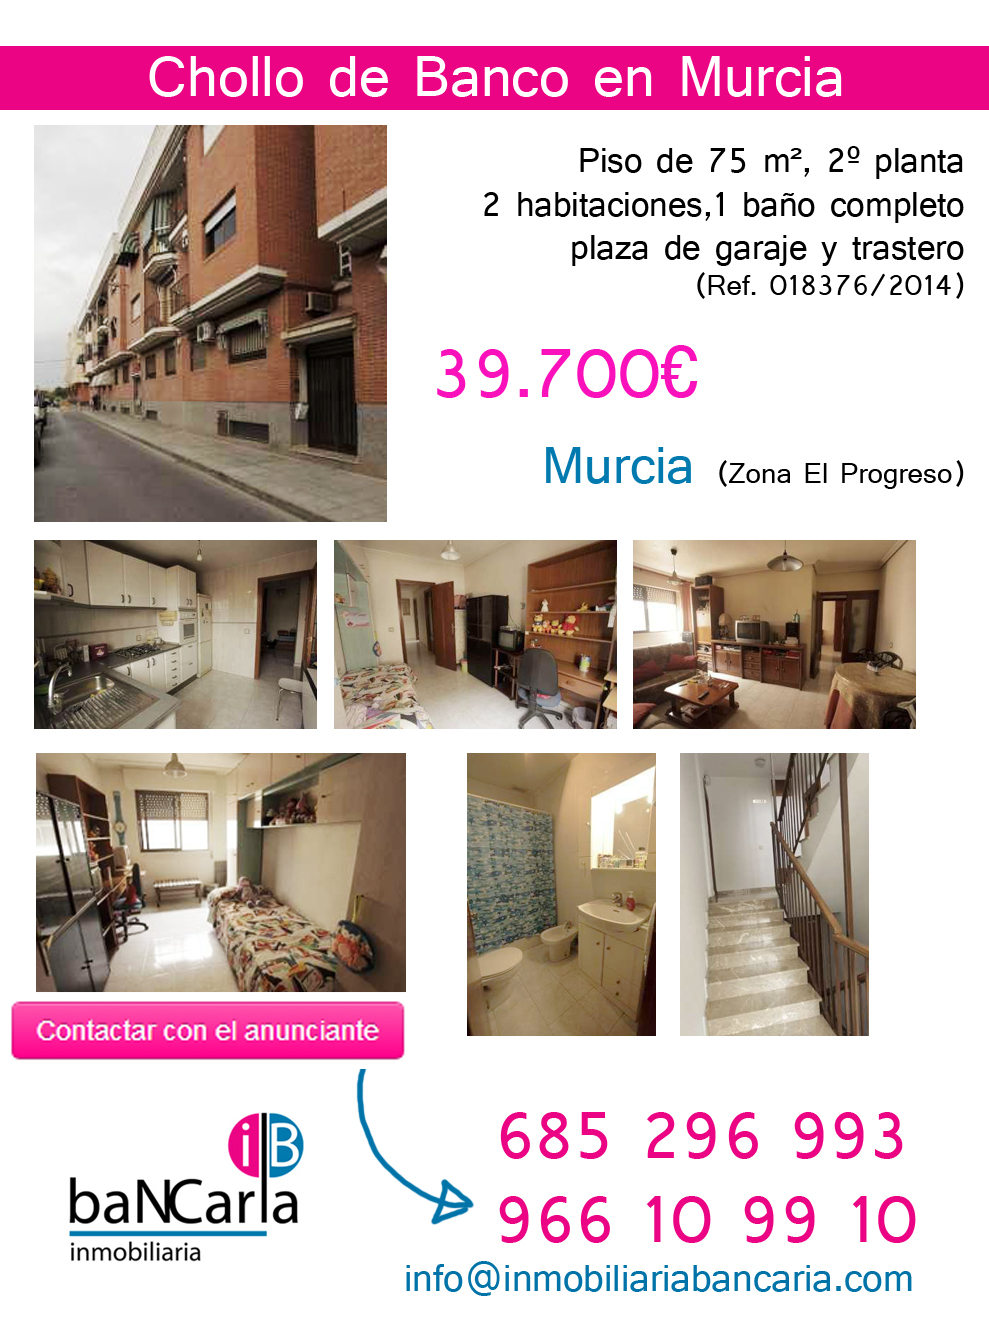 Casa en Venta de Banco en Murcia (Zona El Progreso